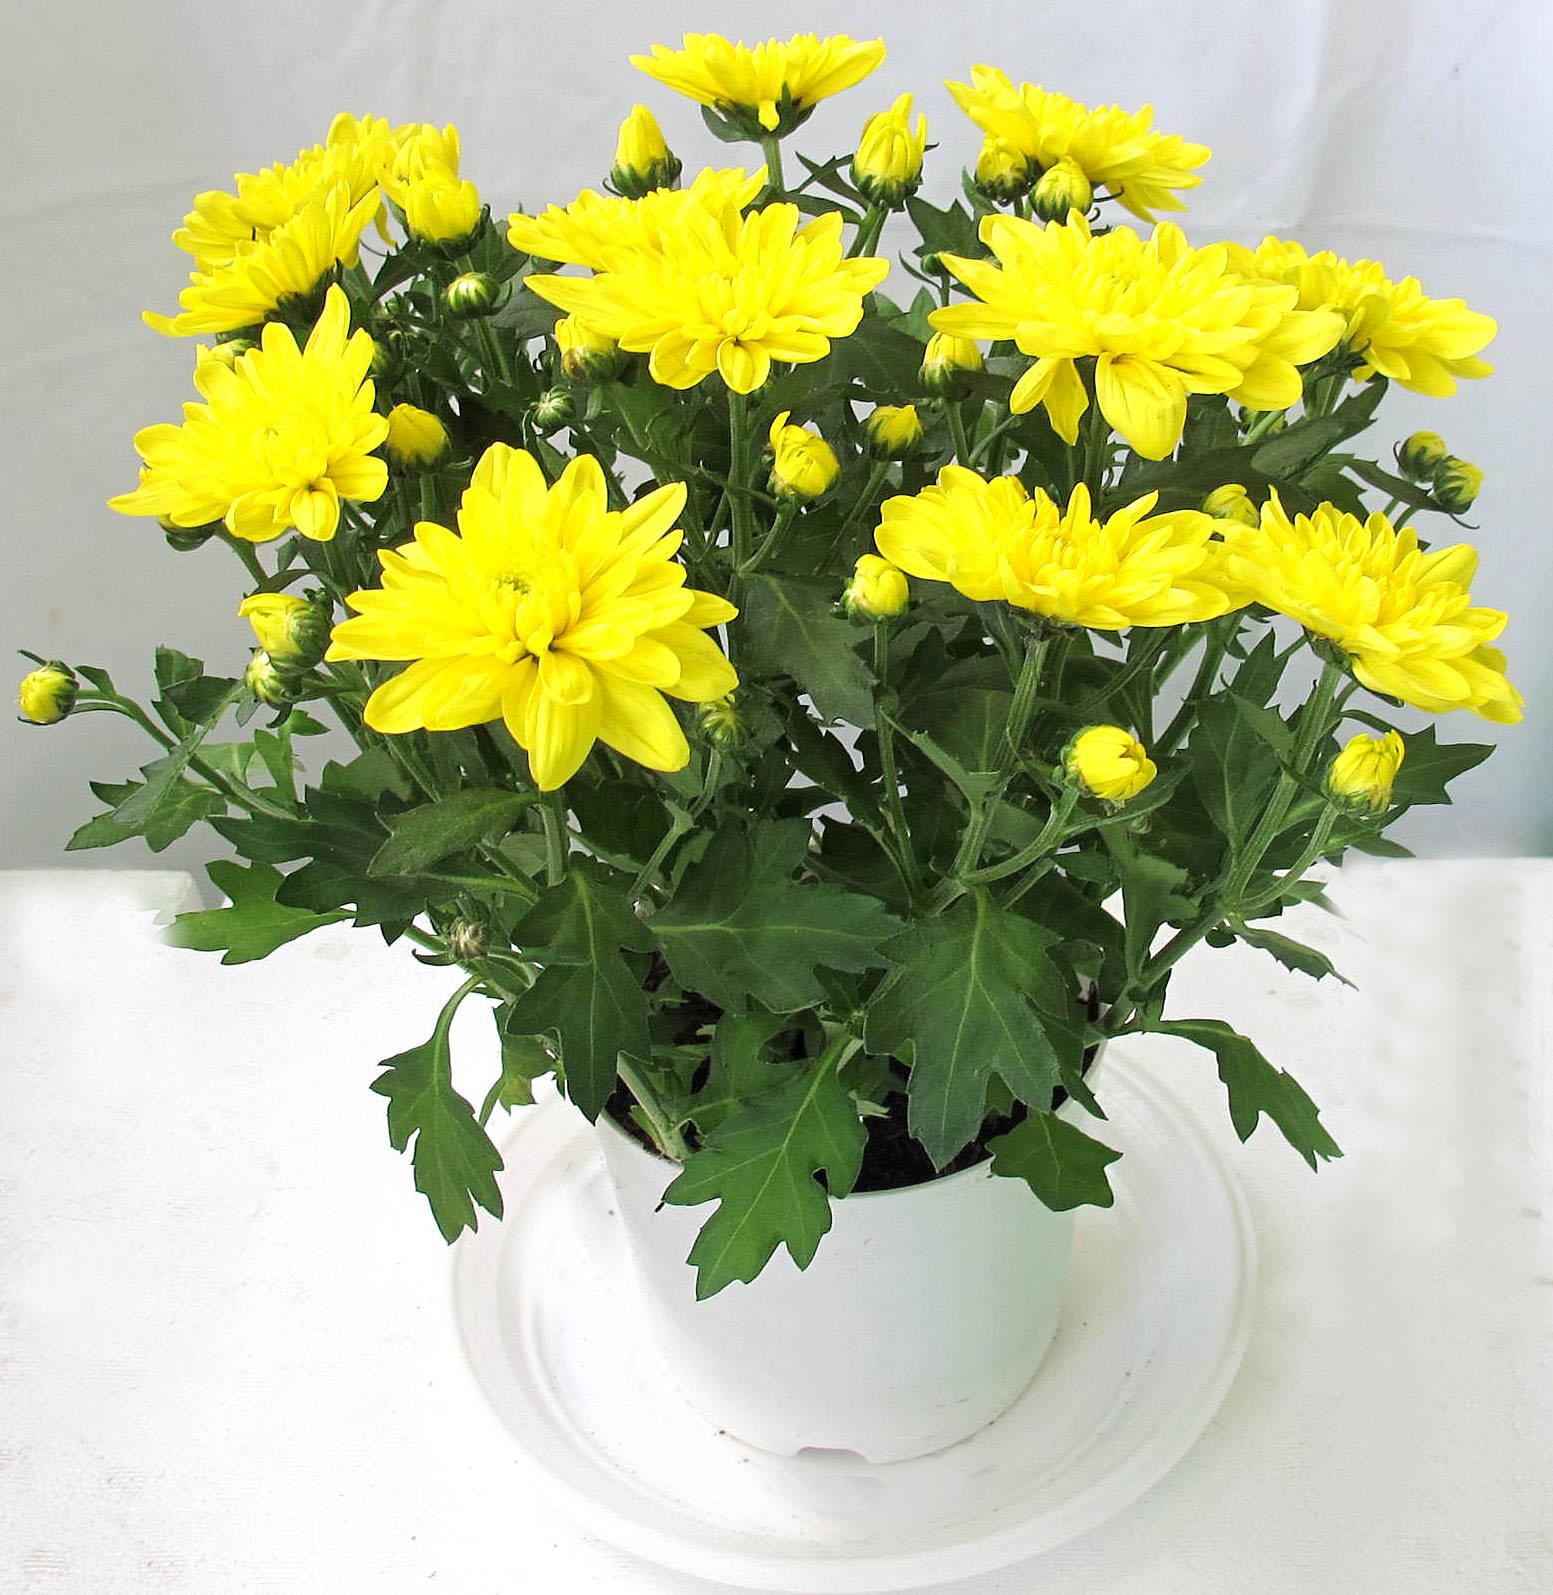 Ý nghĩa những loài hoa tặng mẹ nhân ngày Phụ nữ Việt Nam 20/10 - Ảnh 9